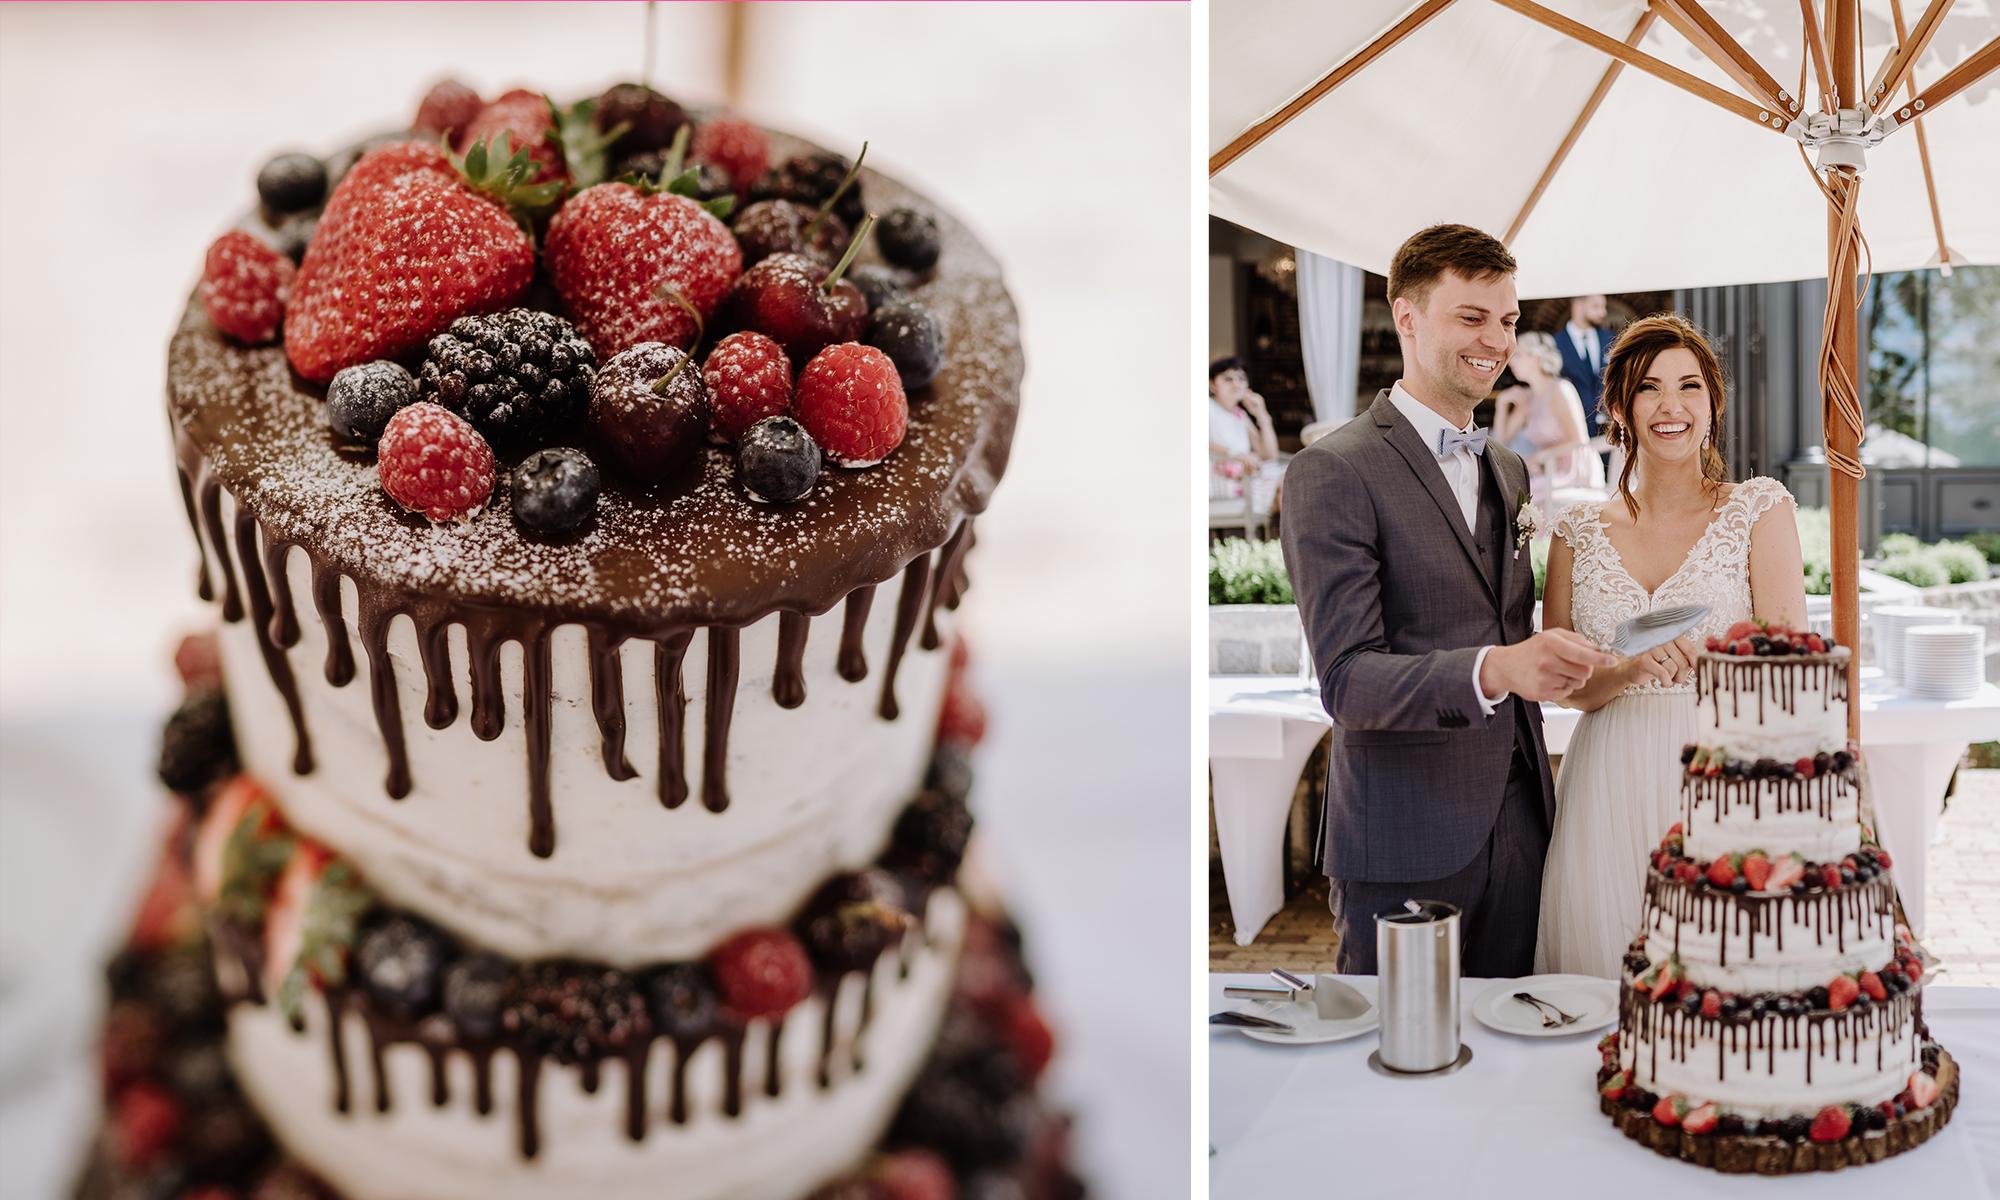 Hochzeitstorte vierstöckig weiß Schoko mit Beeren Drip Cake Sommerhochzeit - Spreewald Hochzeitsfotografin im Standesamt Weidendom Hochzeit am Wasser im Spreewaldresort Seinerzeit © www.hochzeitslicht.de